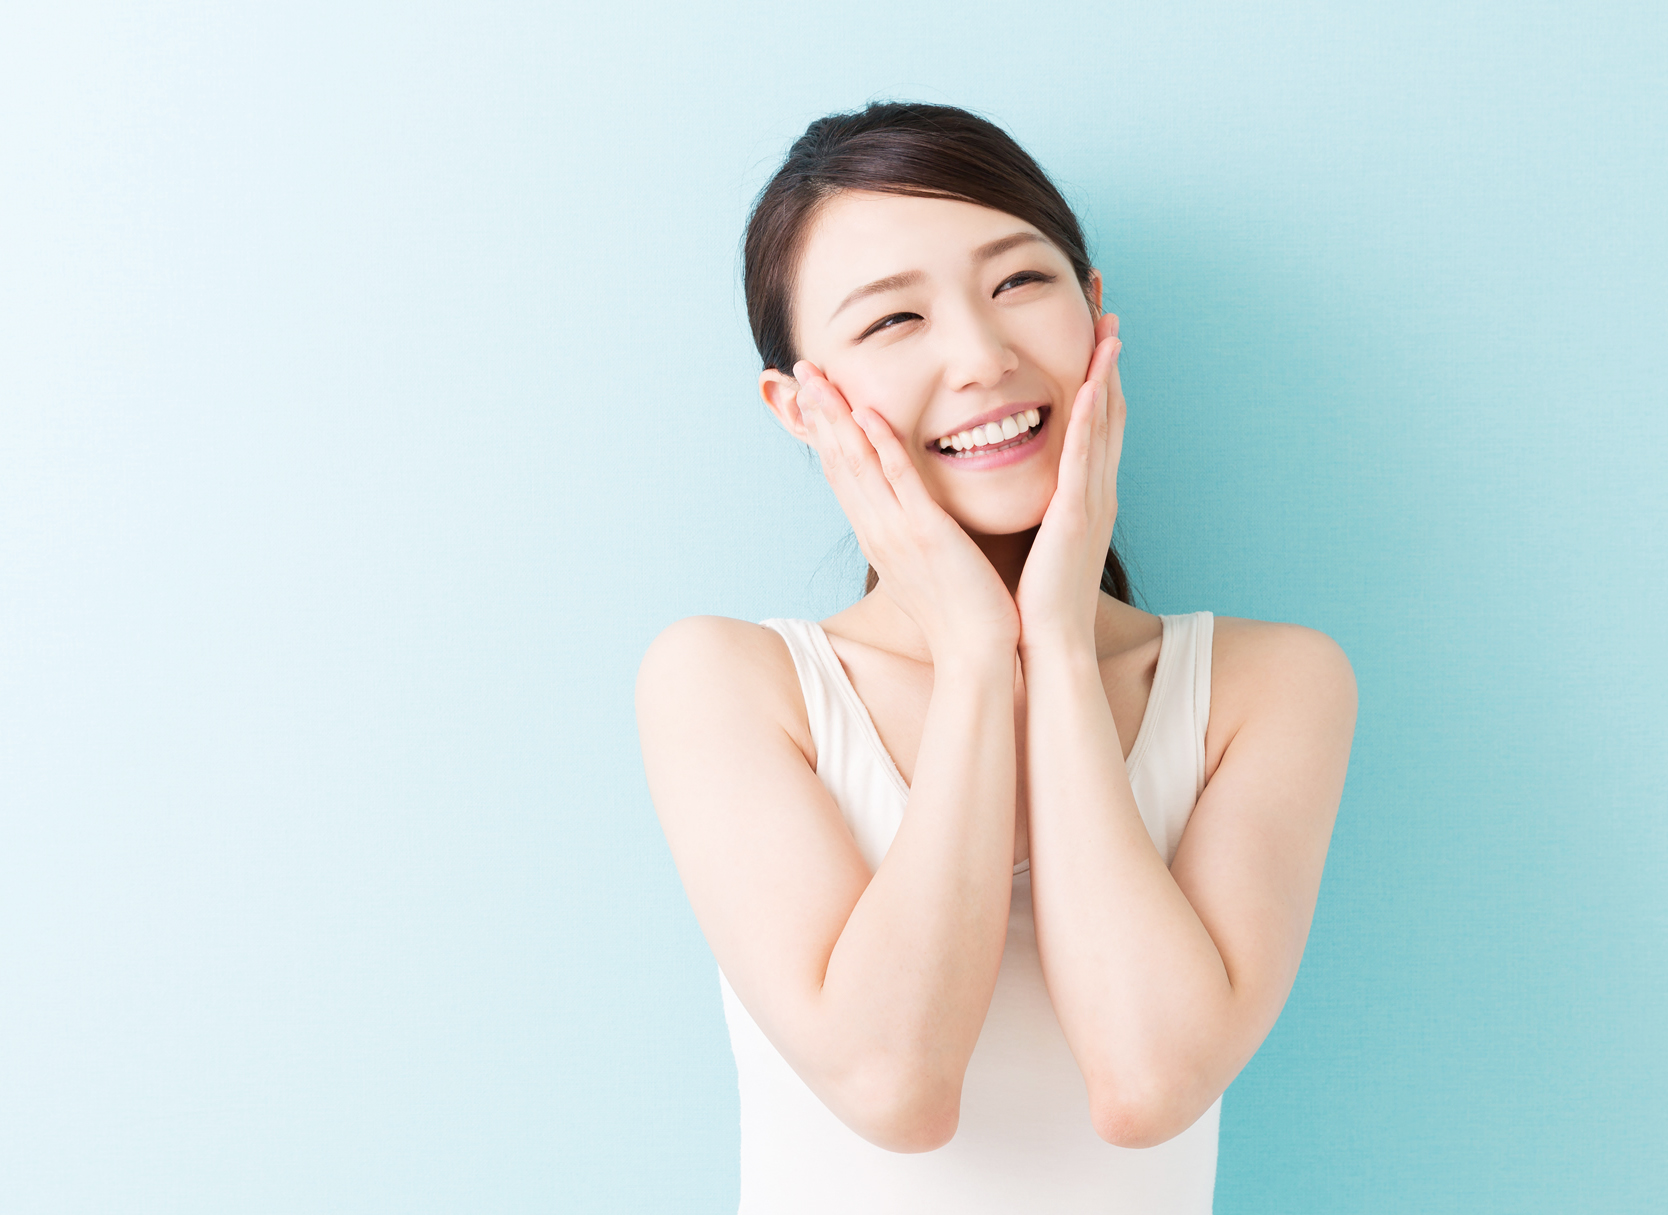 Phẫu thuật căng da mặt an toàn hiệu quả